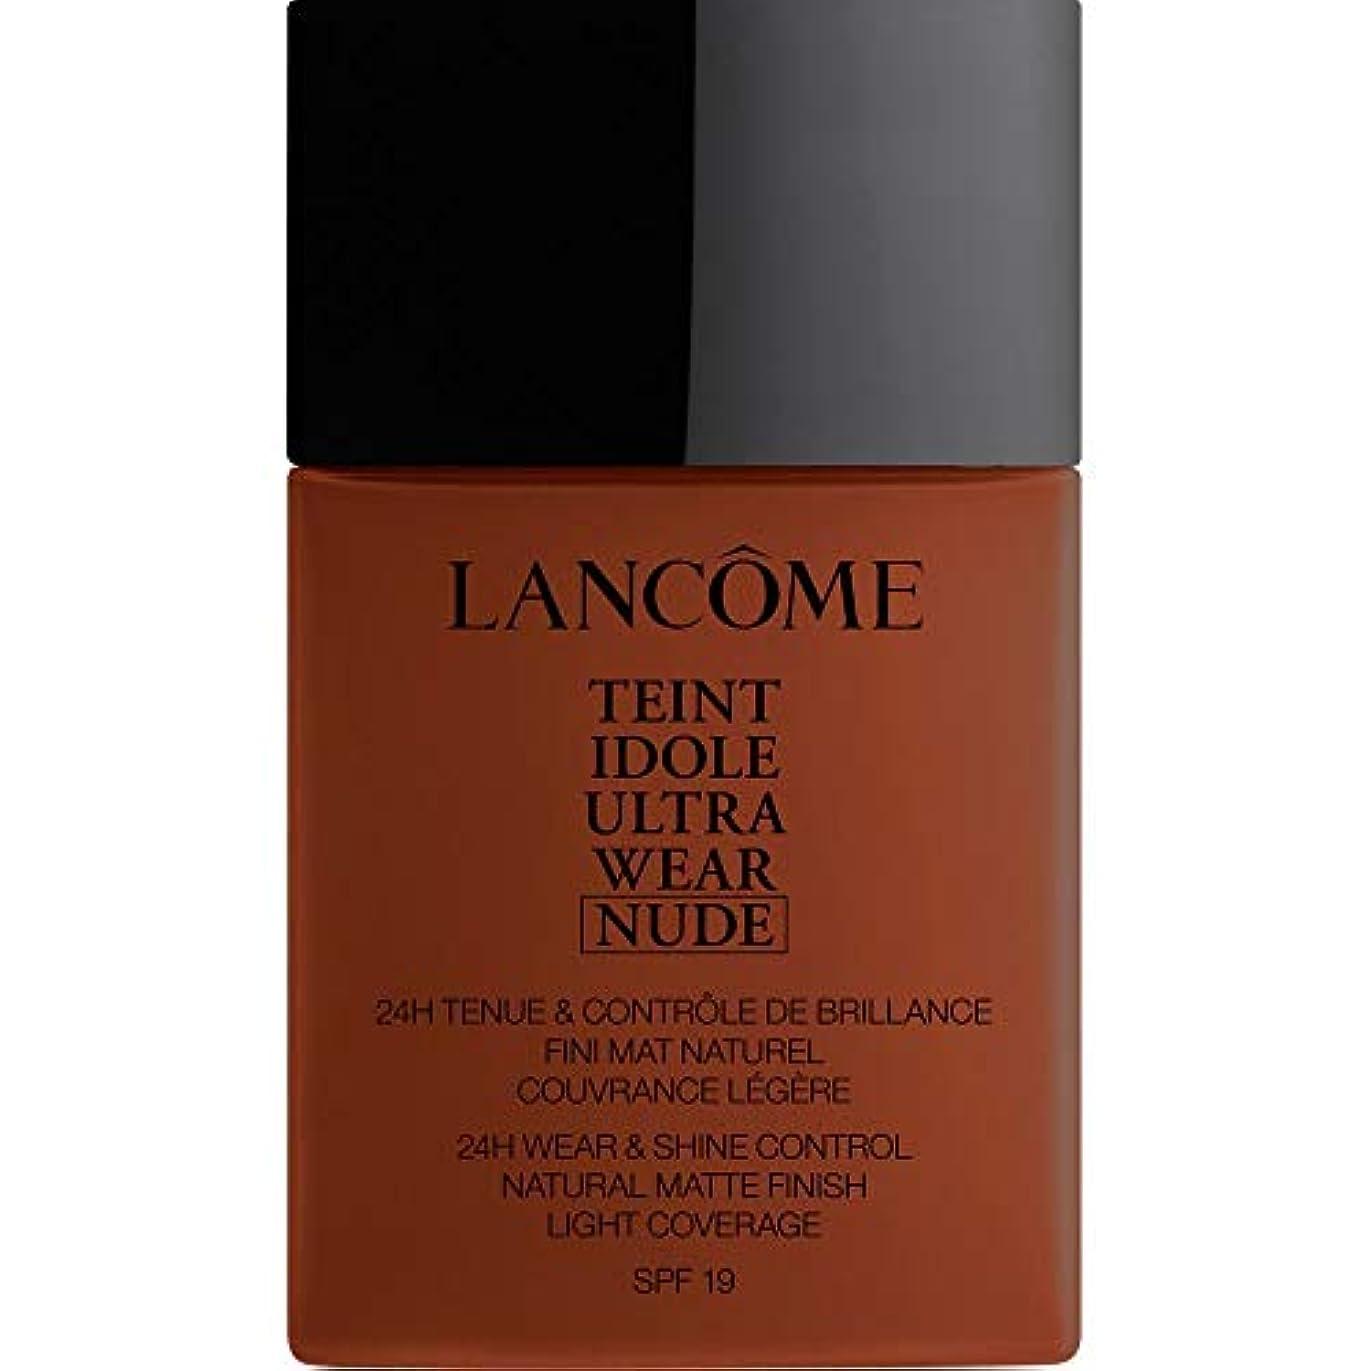 外交キャプテン発明[Lanc?me ] ランコムTeintのIdole超摩耗ヌード財団Spf19の40ミリリットル14 - ブラウニー - Lancome Teint Idole Ultra Wear Nude Foundation SPF19...